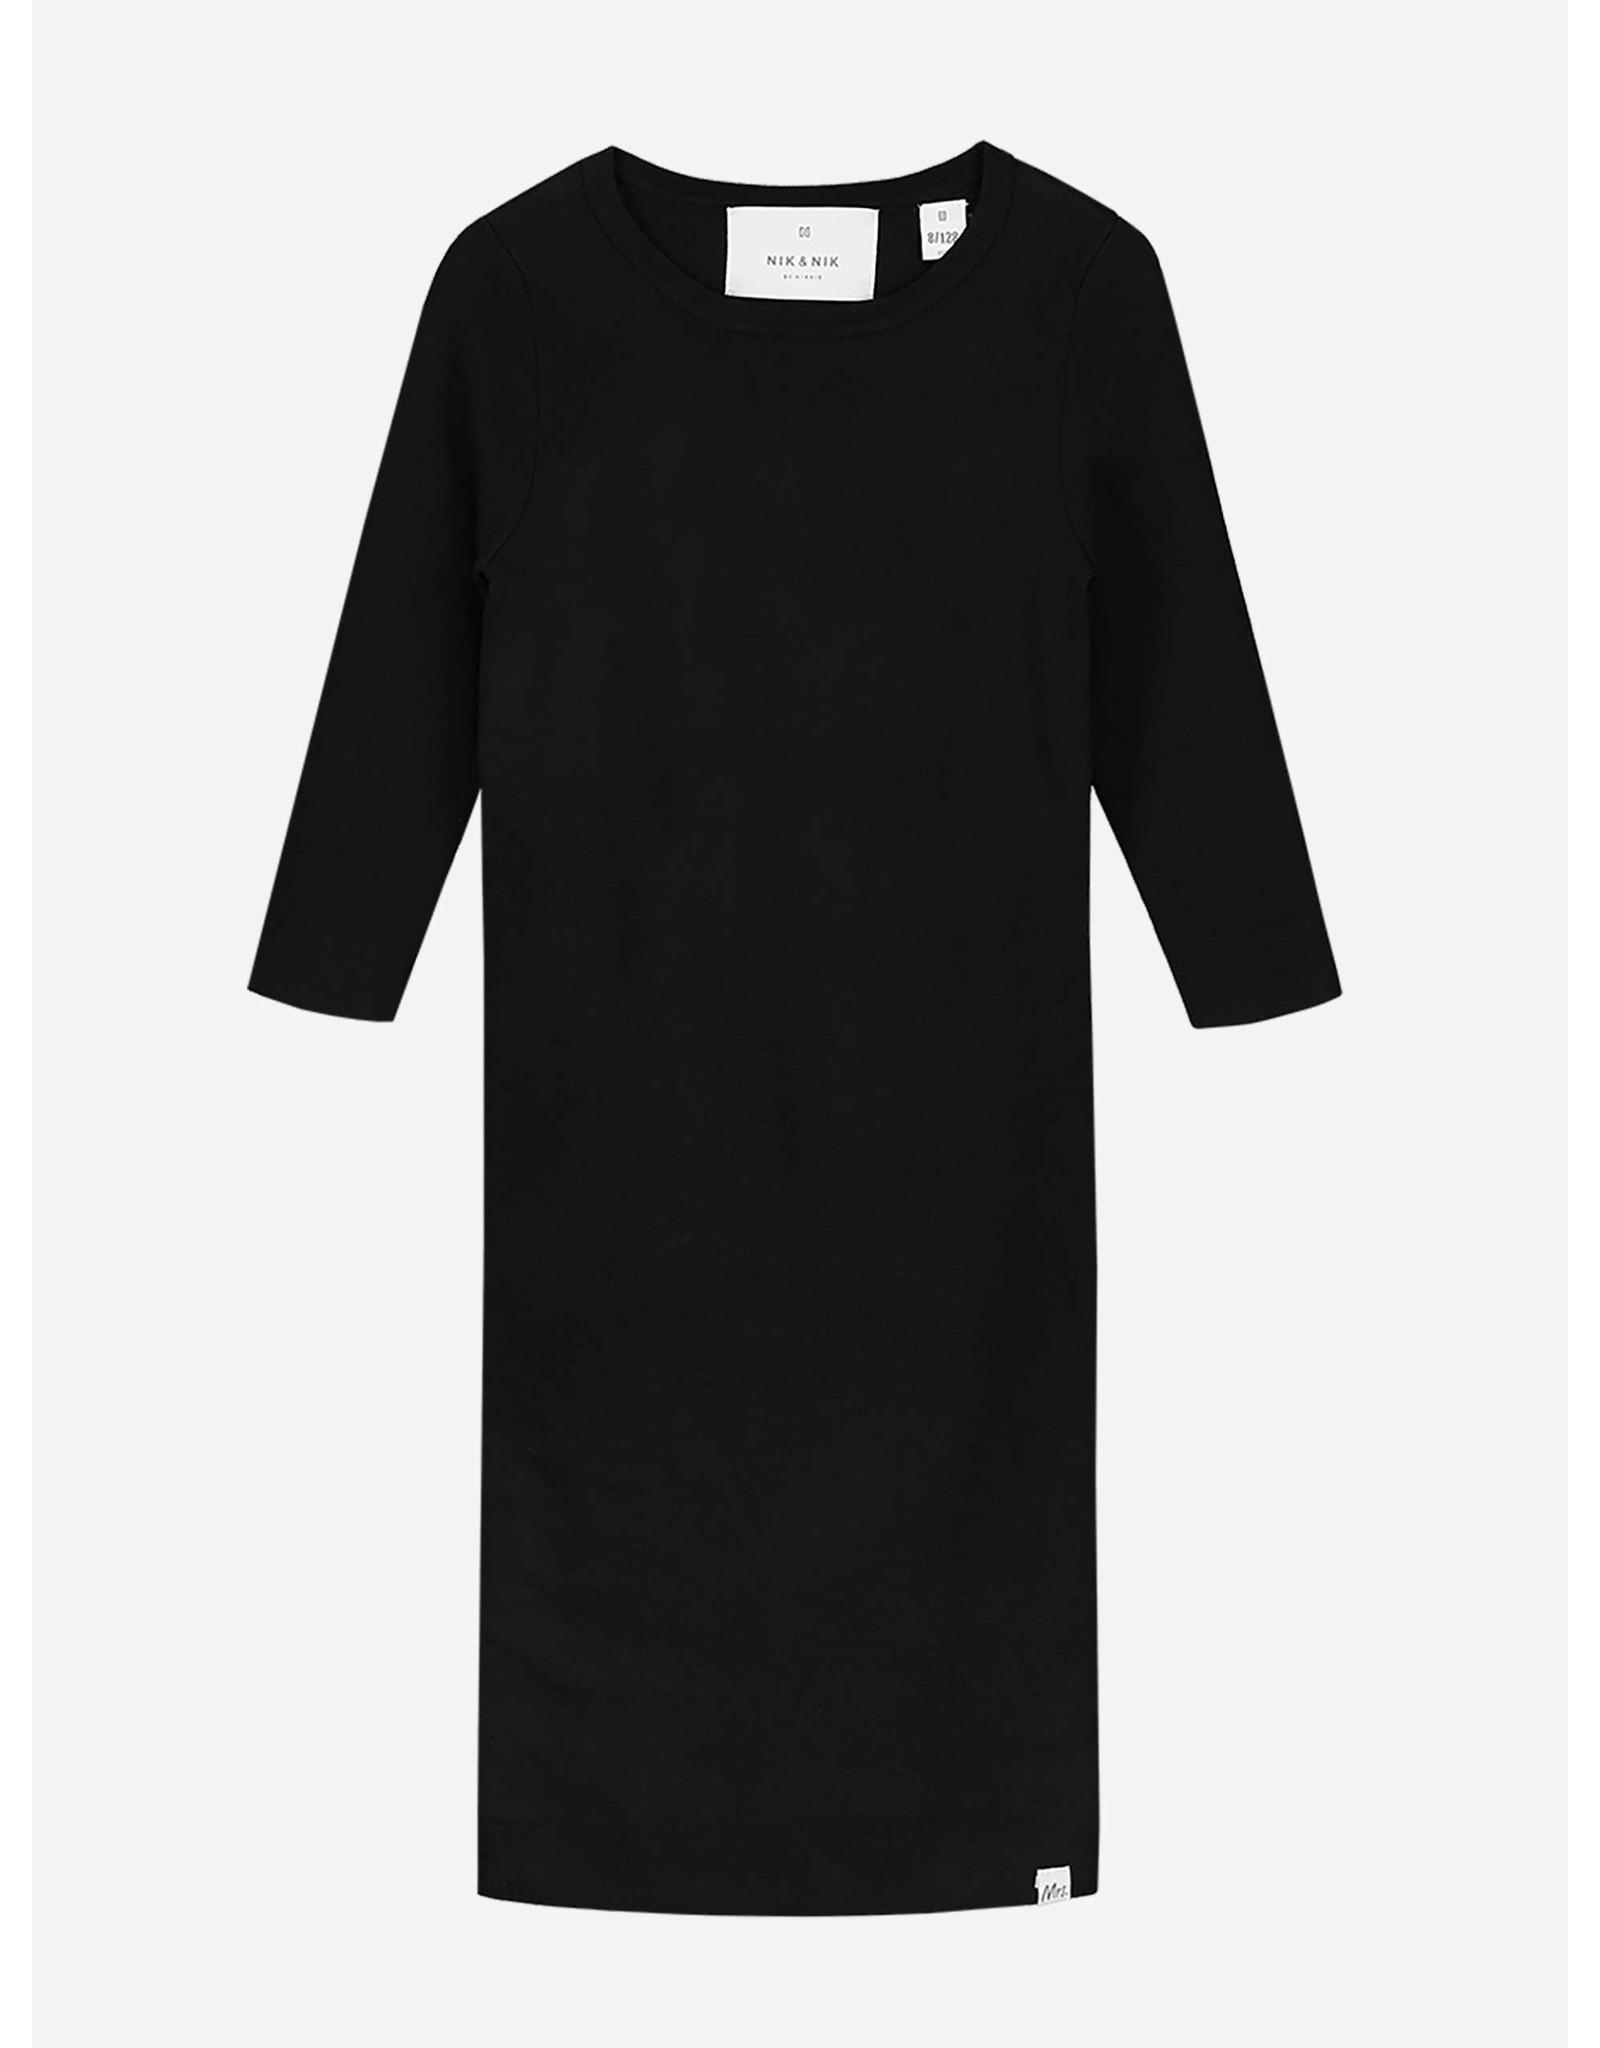 Nik & Nik Albani Jolie Dress Black